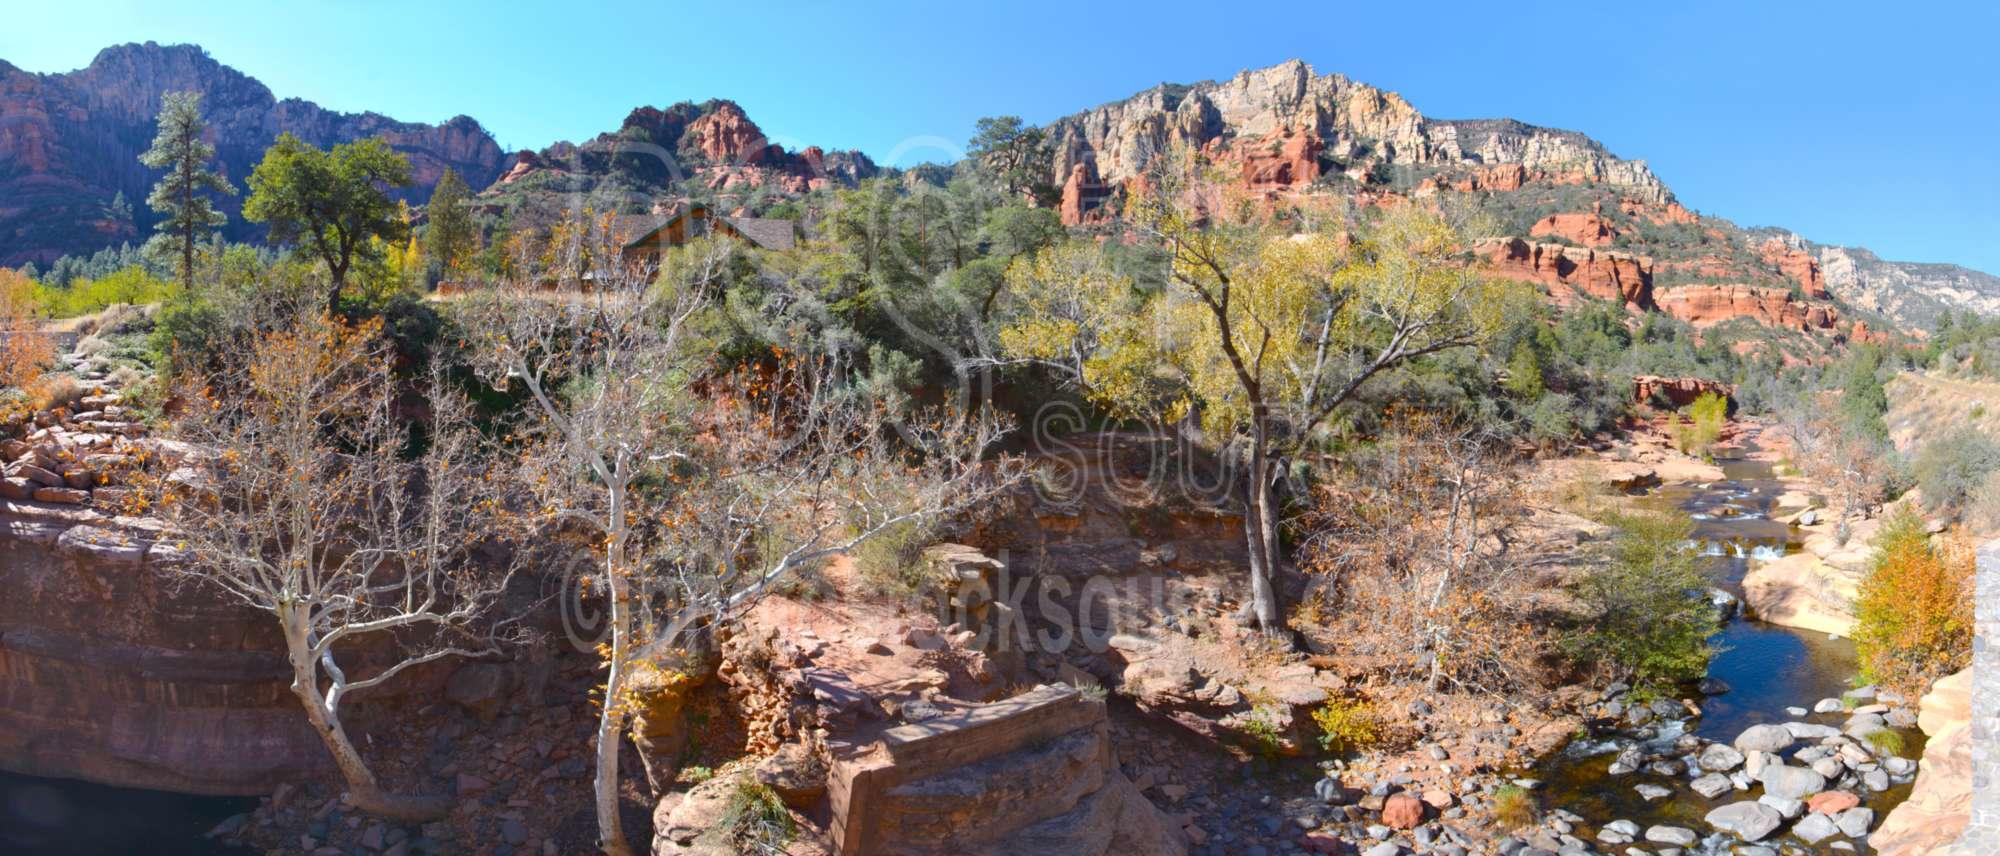 Rocks of Oak Creek Canyon